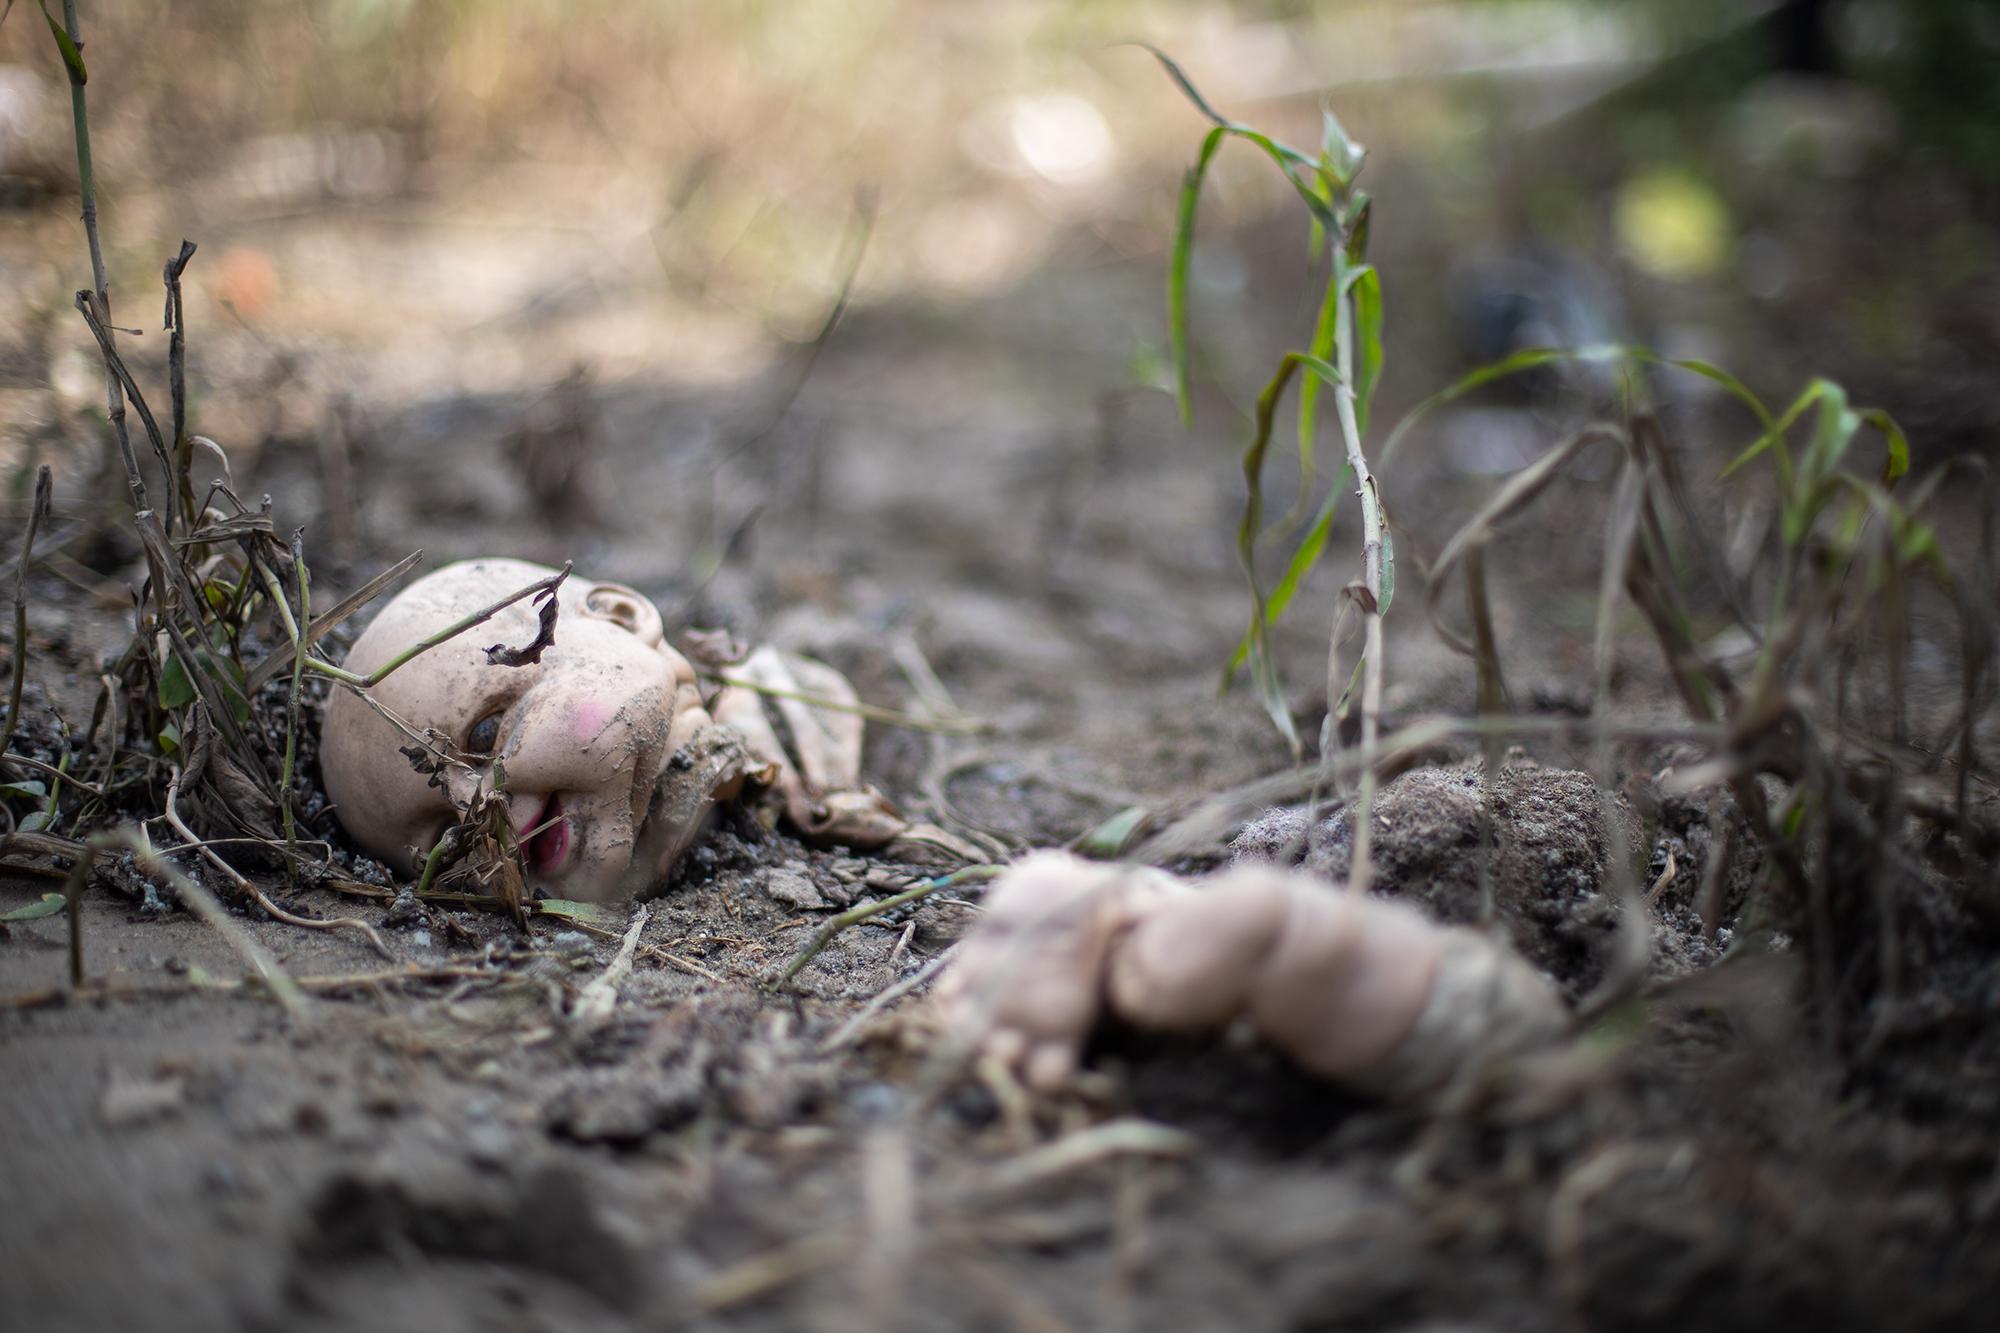 Una muñeca partida en dos a la orilla del río Chamelecón tras su paso por Baracoa donde la inundación ha dejado casas bajo el agua y ha provocado que las personas evacúen la zona. Baracoa, Cortés, 15 de noviembre de 2020. Foto: Martín Cálix.